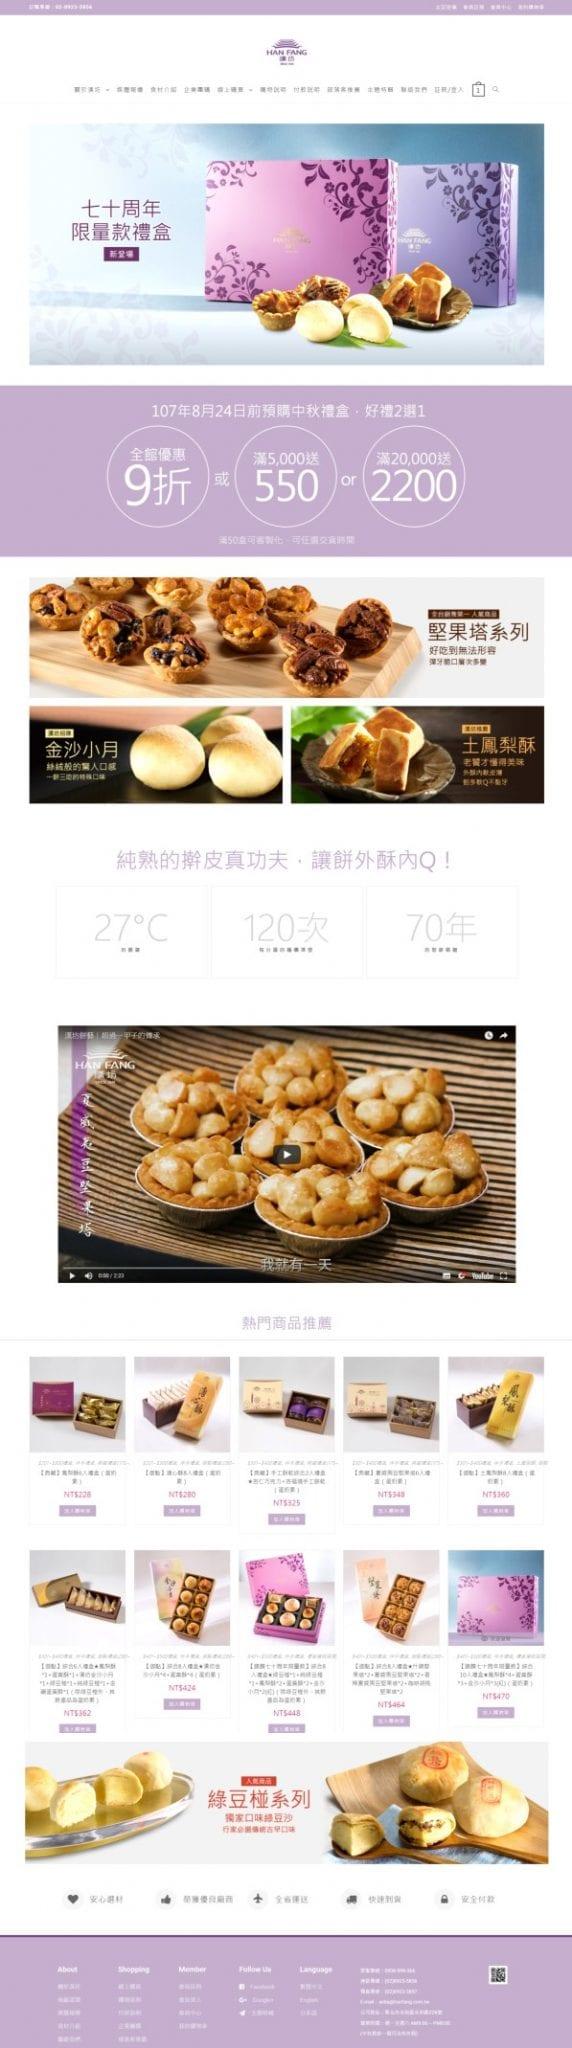 網頁設計-漢坊食品